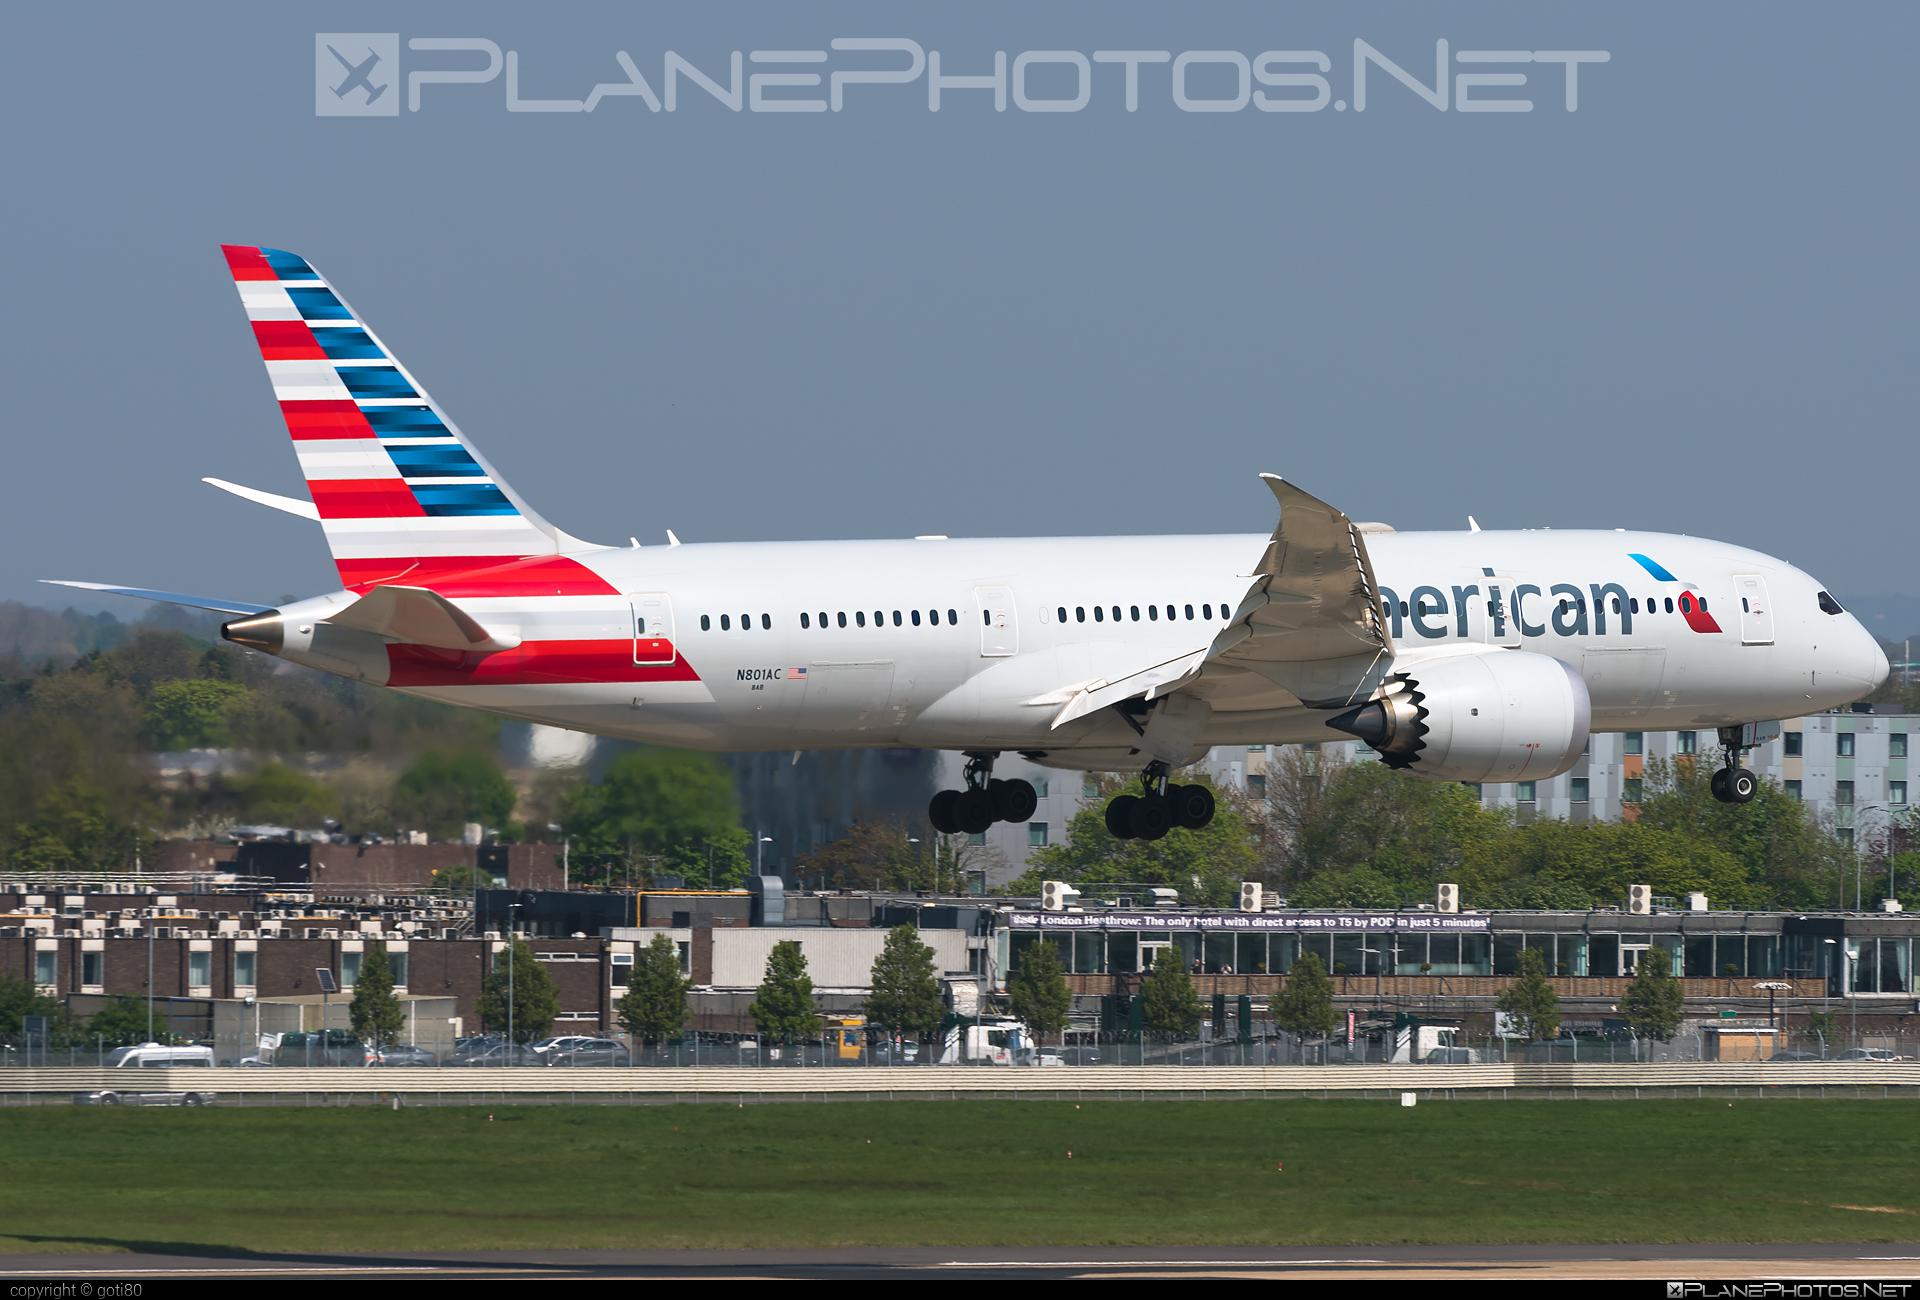 Boeing 787-8 Dreamliner - N801AC operated by American Airlines #americanairlines #b787 #boeing #boeing787 #dreamliner